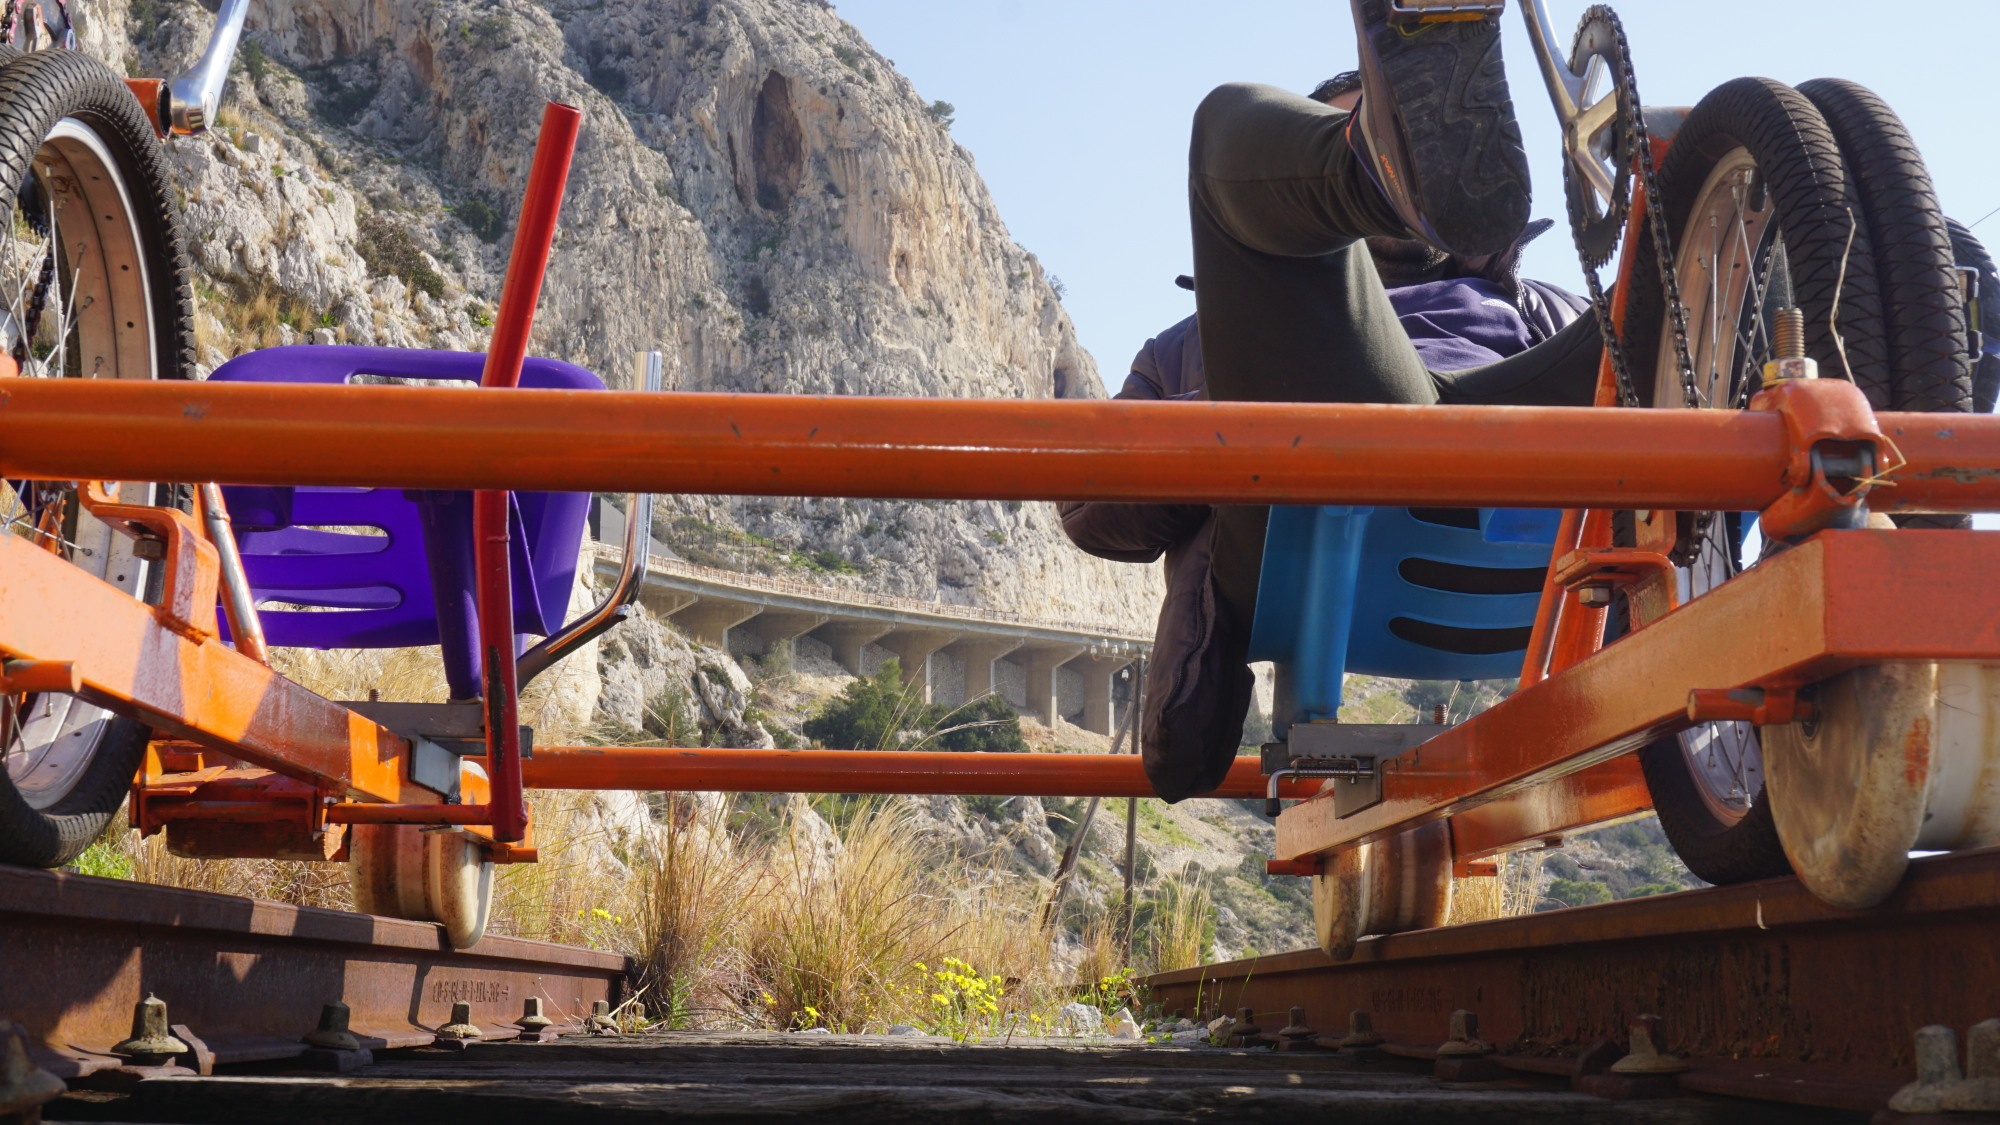 Railbiking στην Ελλάδα: Ποδηλατώντας στις παλιές ράγες της Κακιάς Σκάλας |  travel.gr